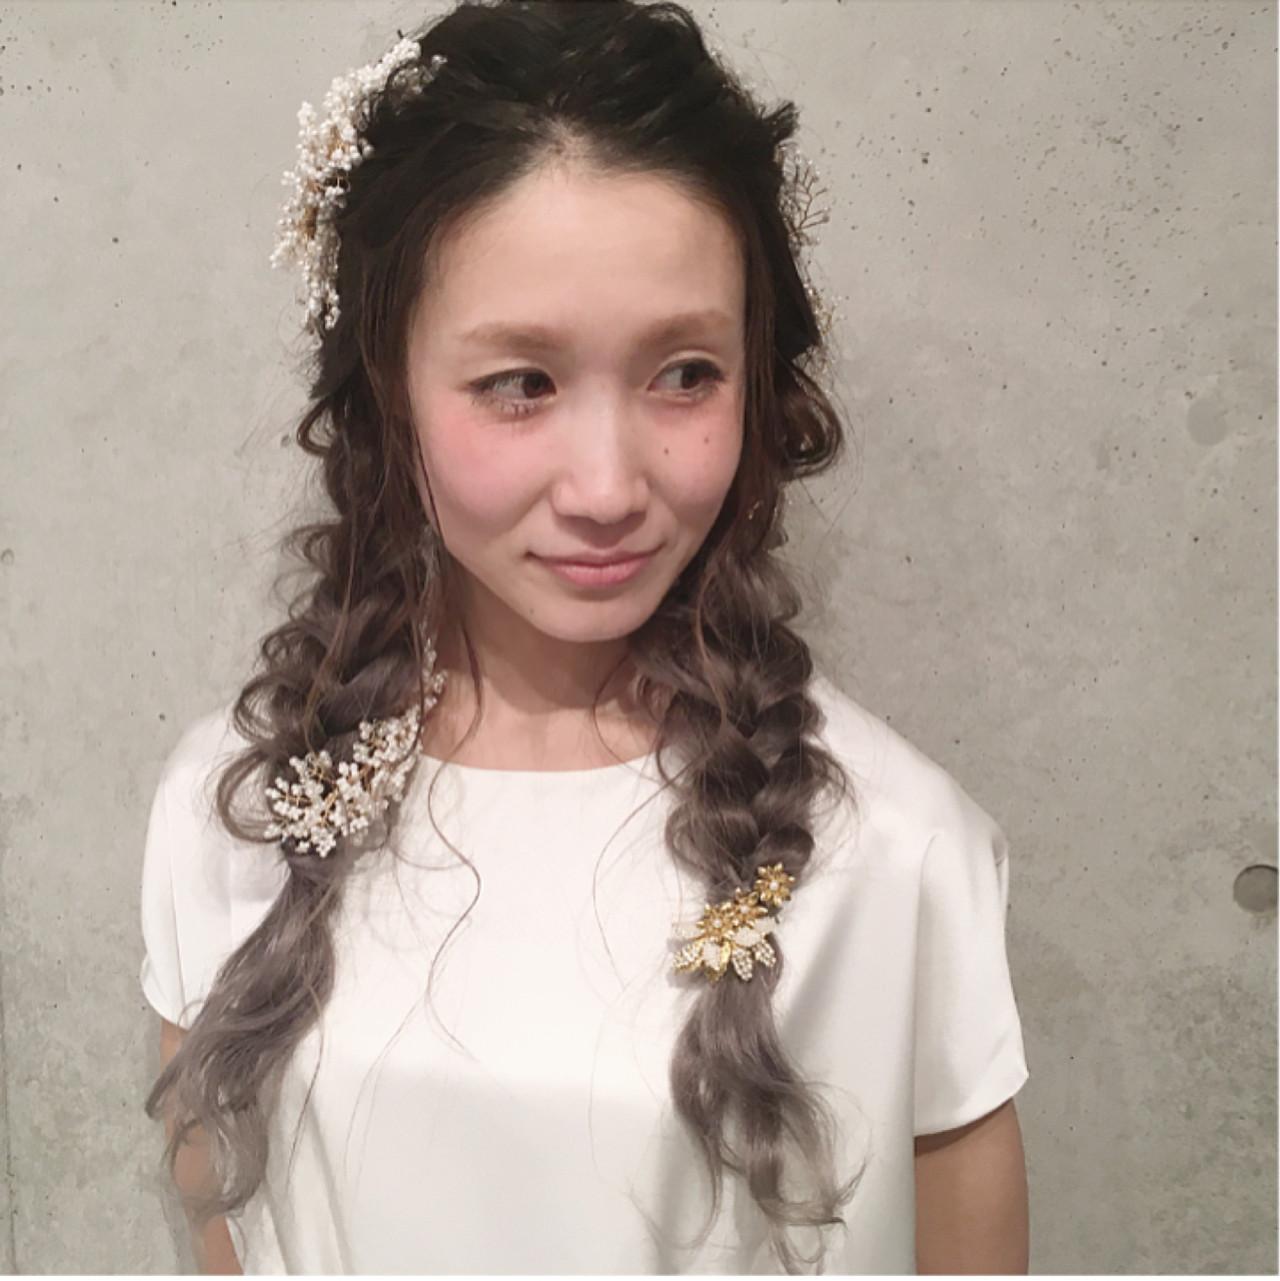 大人女子 ヘアアレンジ 結婚式 大人かわいい ヘアスタイルや髪型の写真・画像